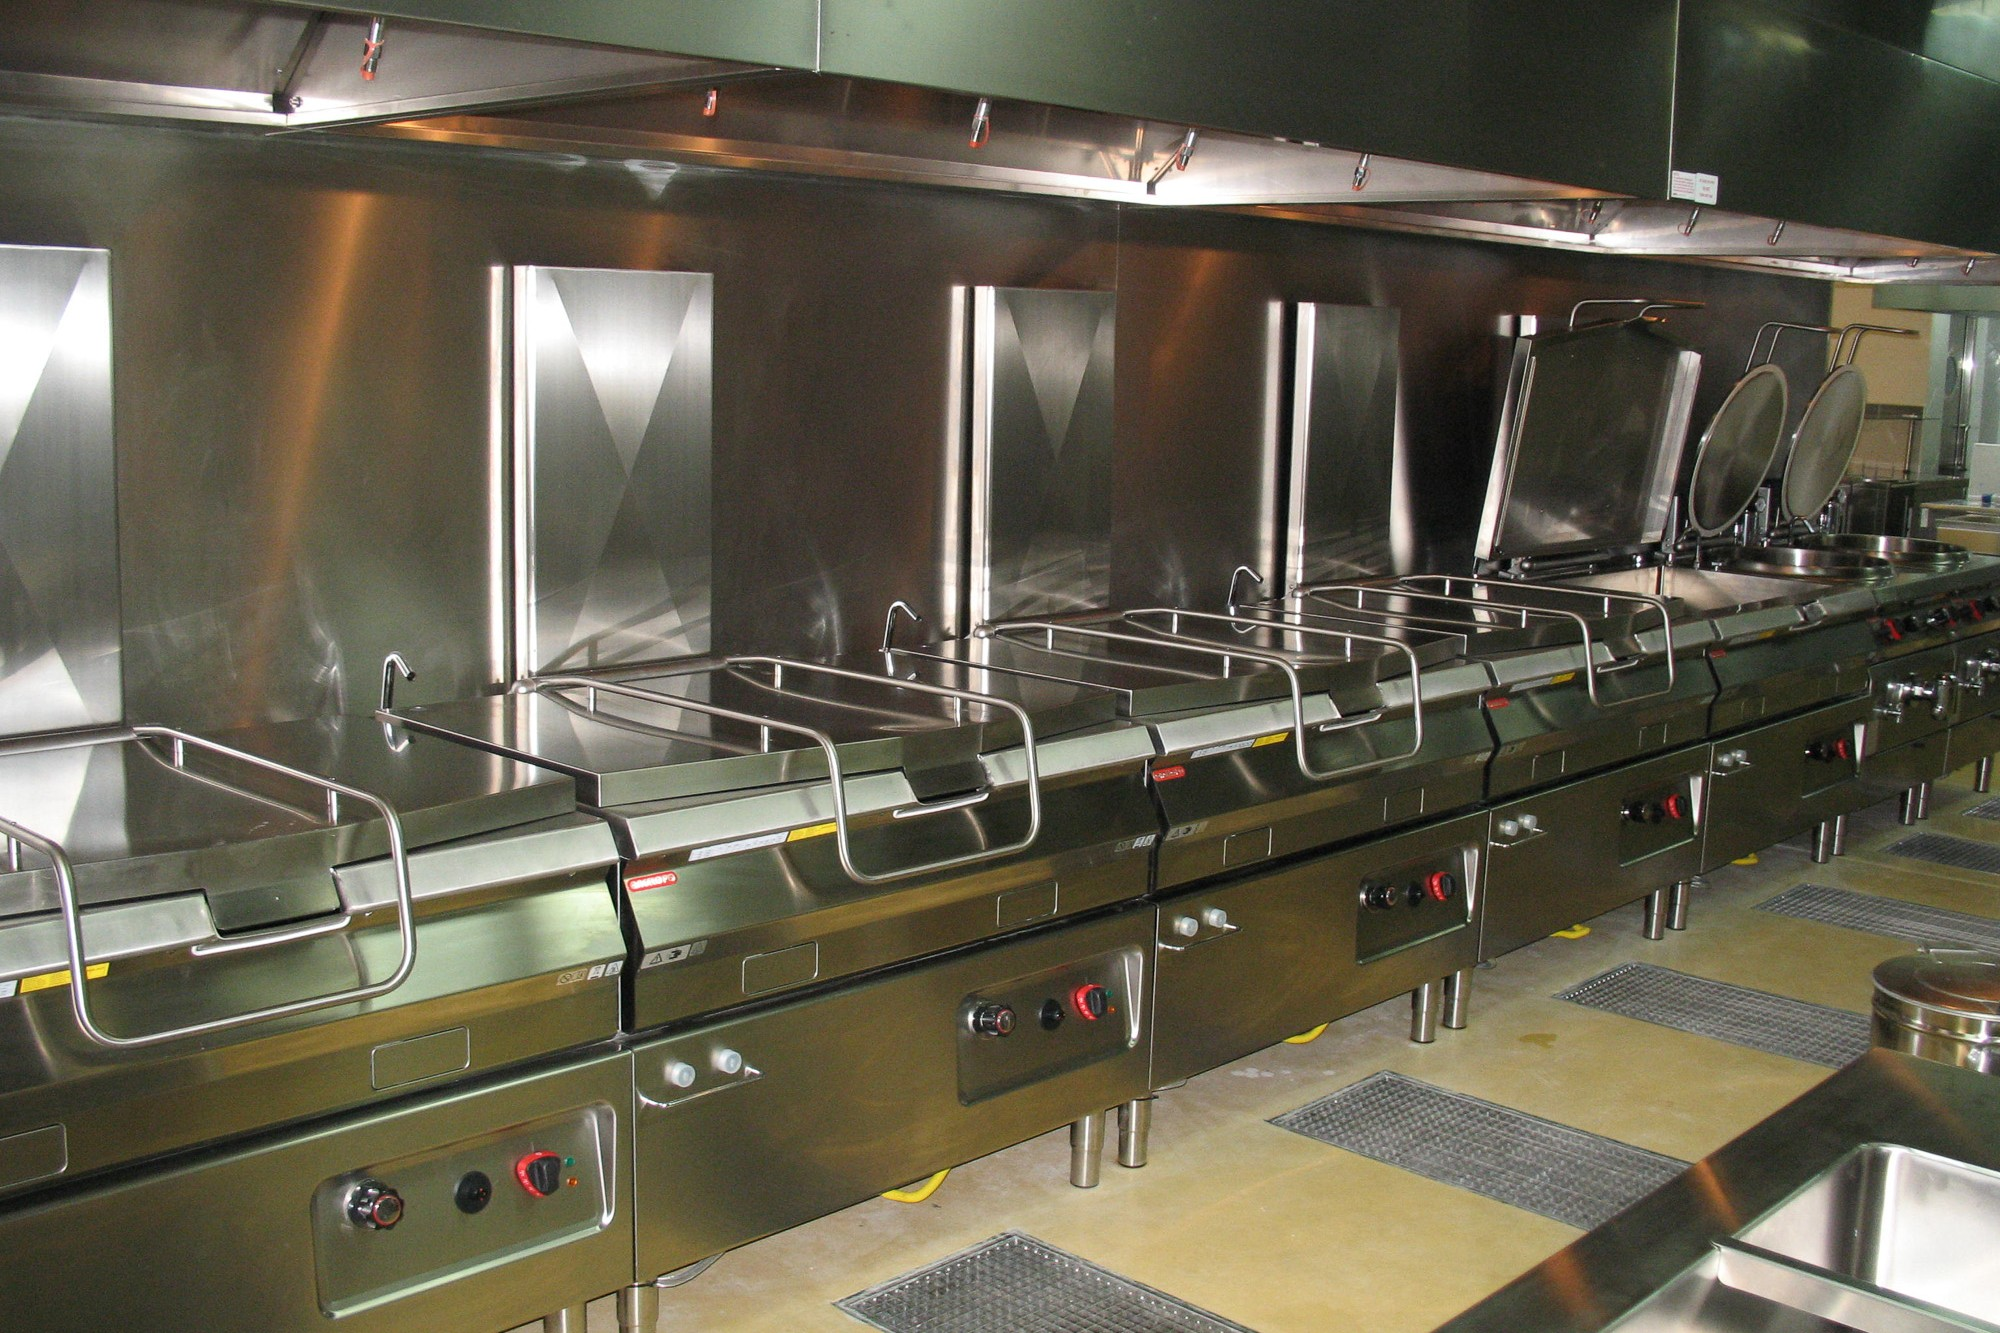 Italia_kitchen_-le_meridien_a-2